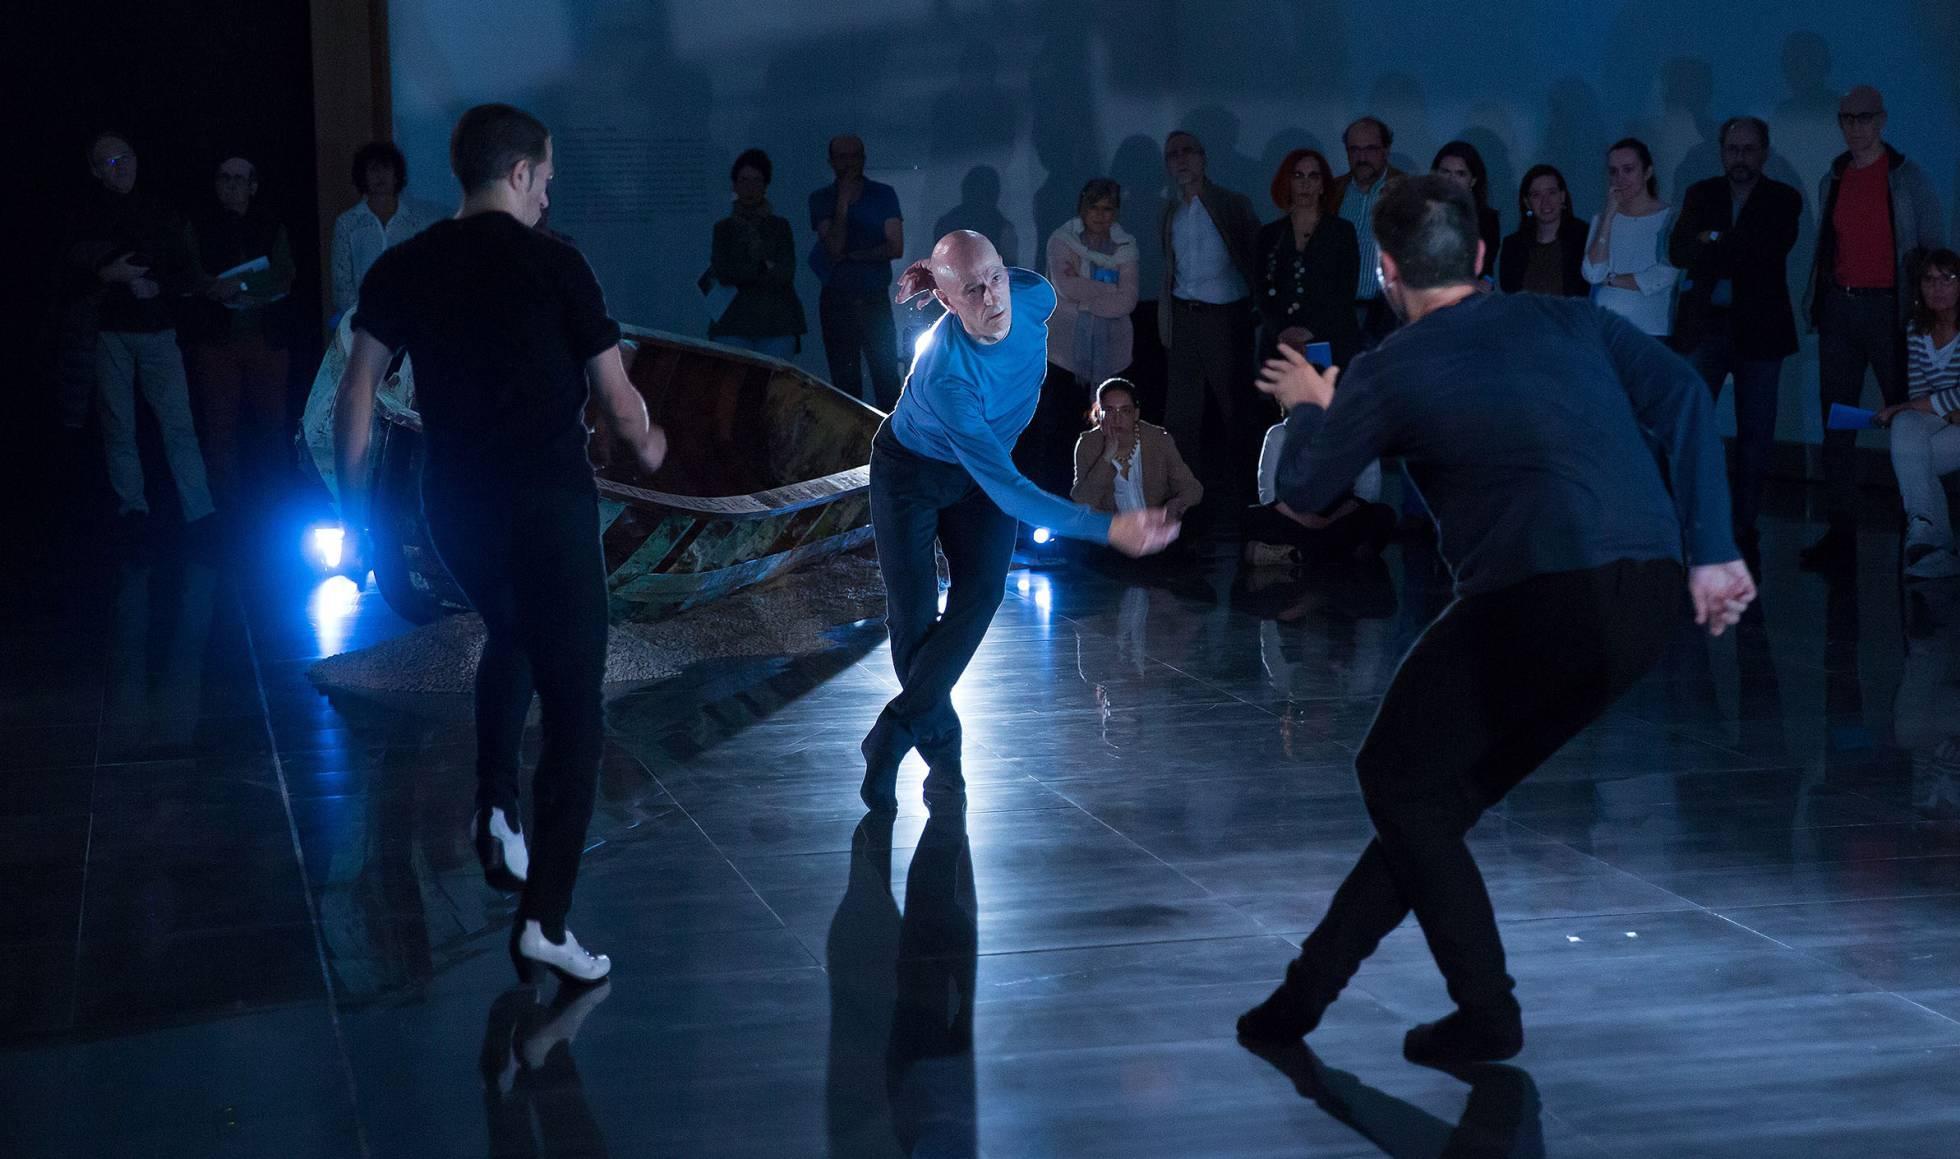 В Университетском музее Наварры соединили танцевальное и художественное искусство